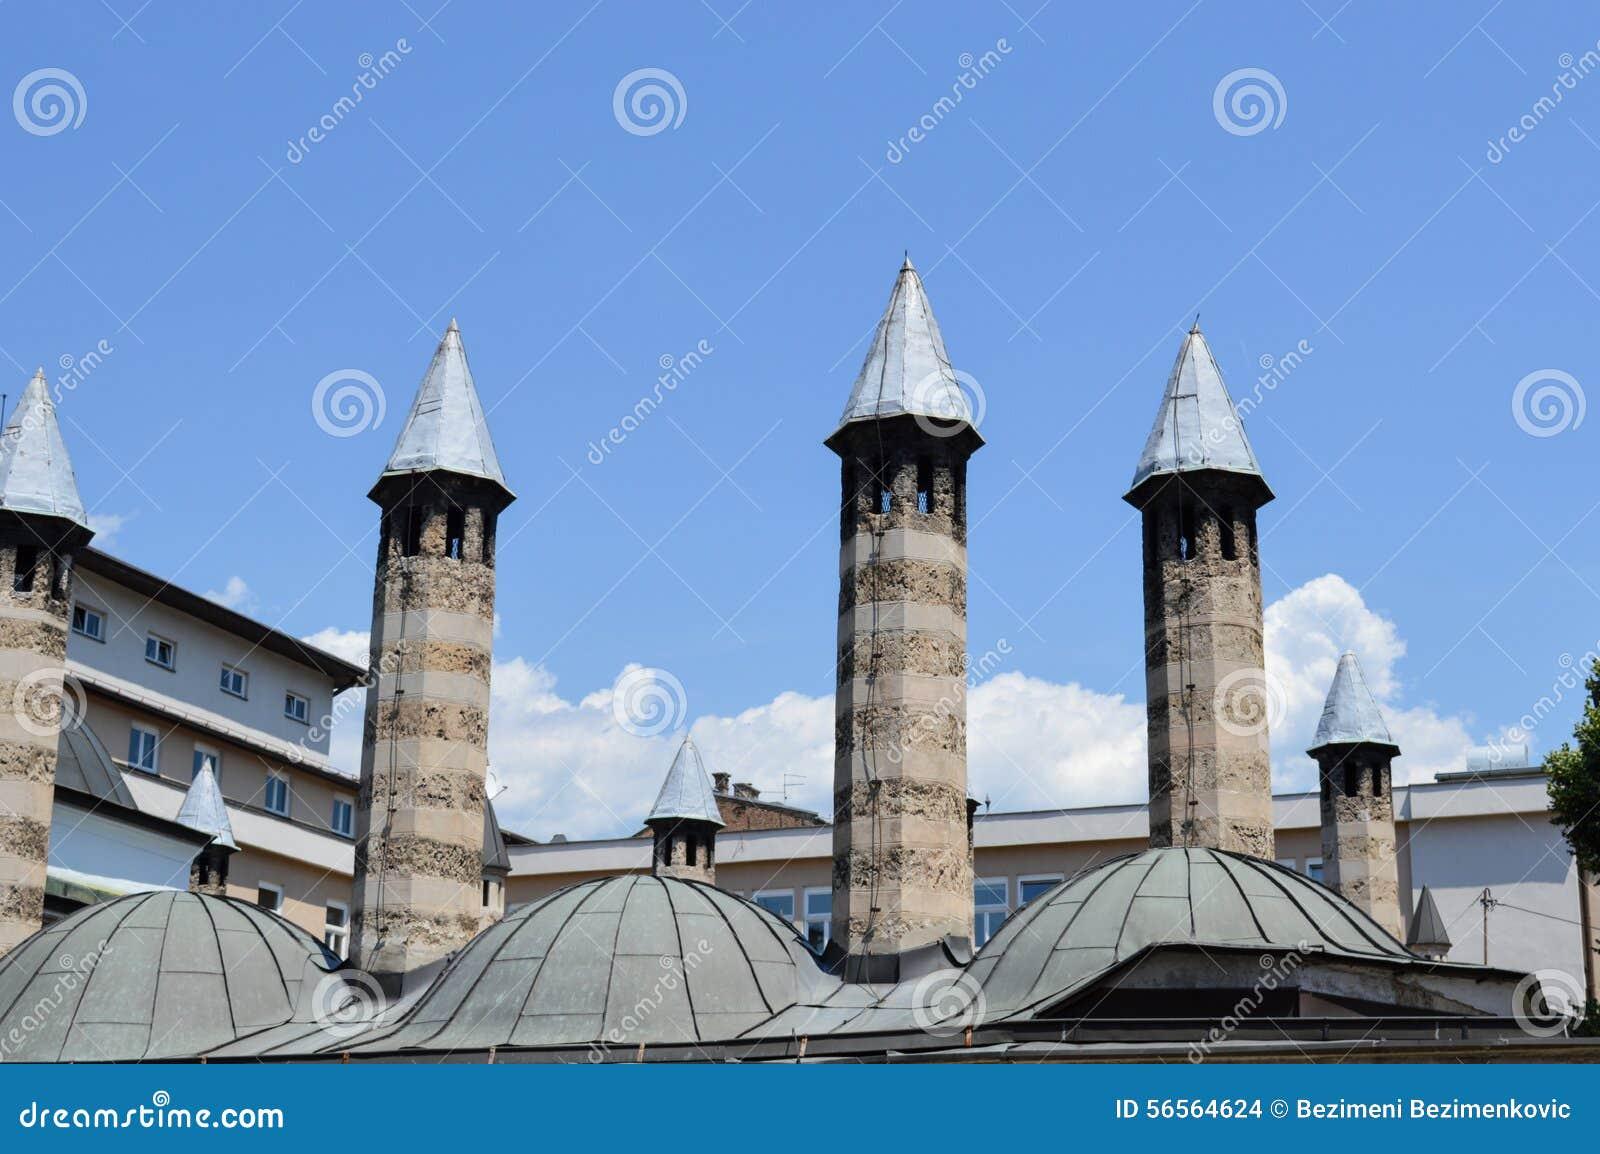 Download μπλε ουρανοξύστης ουρανού λεπτομερειών αρχιτεκτονικής Στοκ Εικόνες - εικόνα από λεπτομέρεια, αρχείο: 56564624